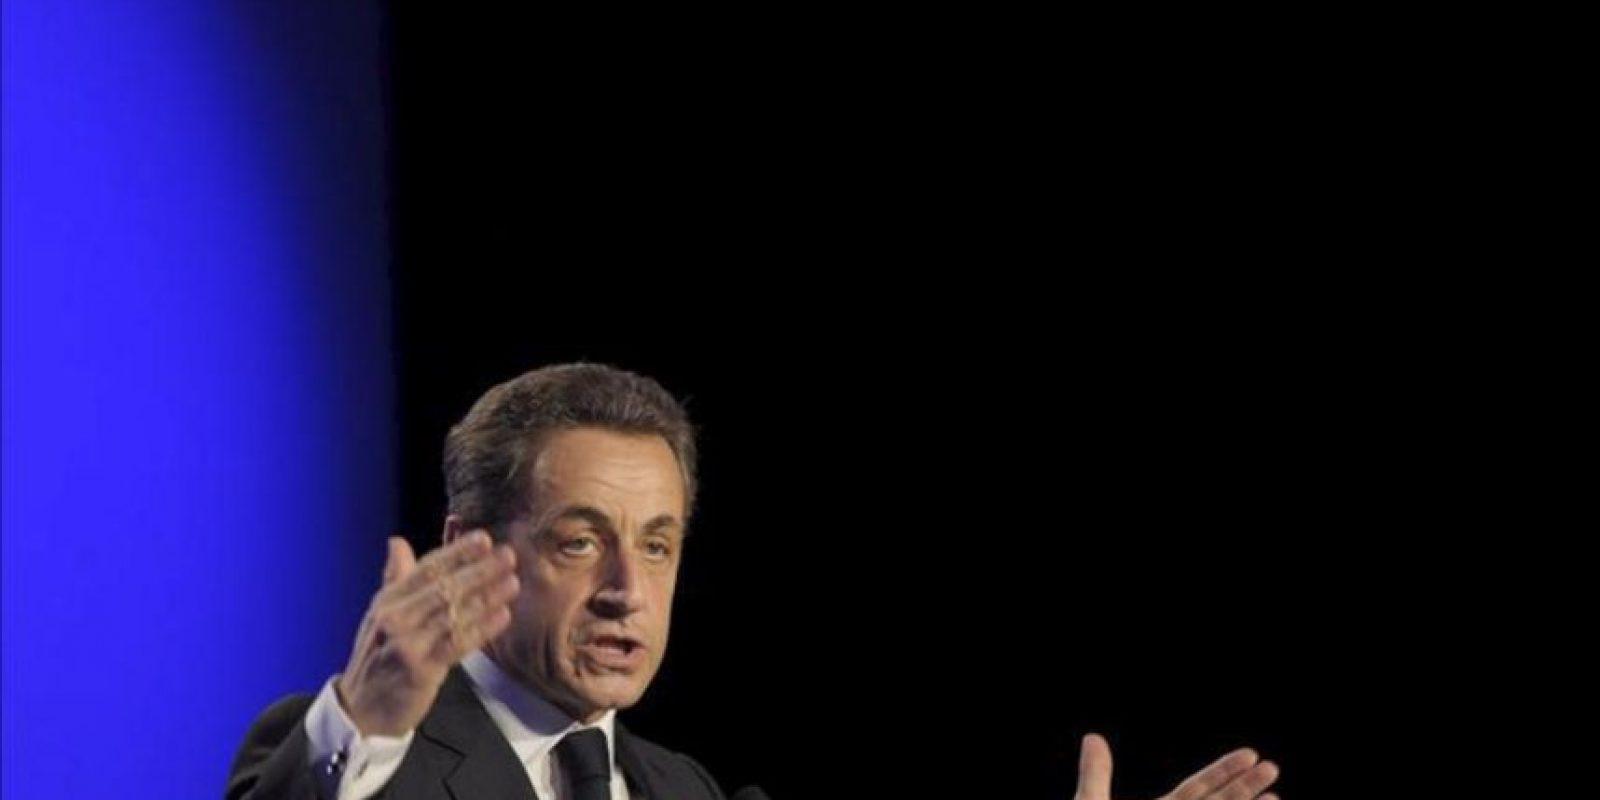 El presidente de Francia y candidato a la reelección, Nicolas Sarkozy. EFE/Archivo